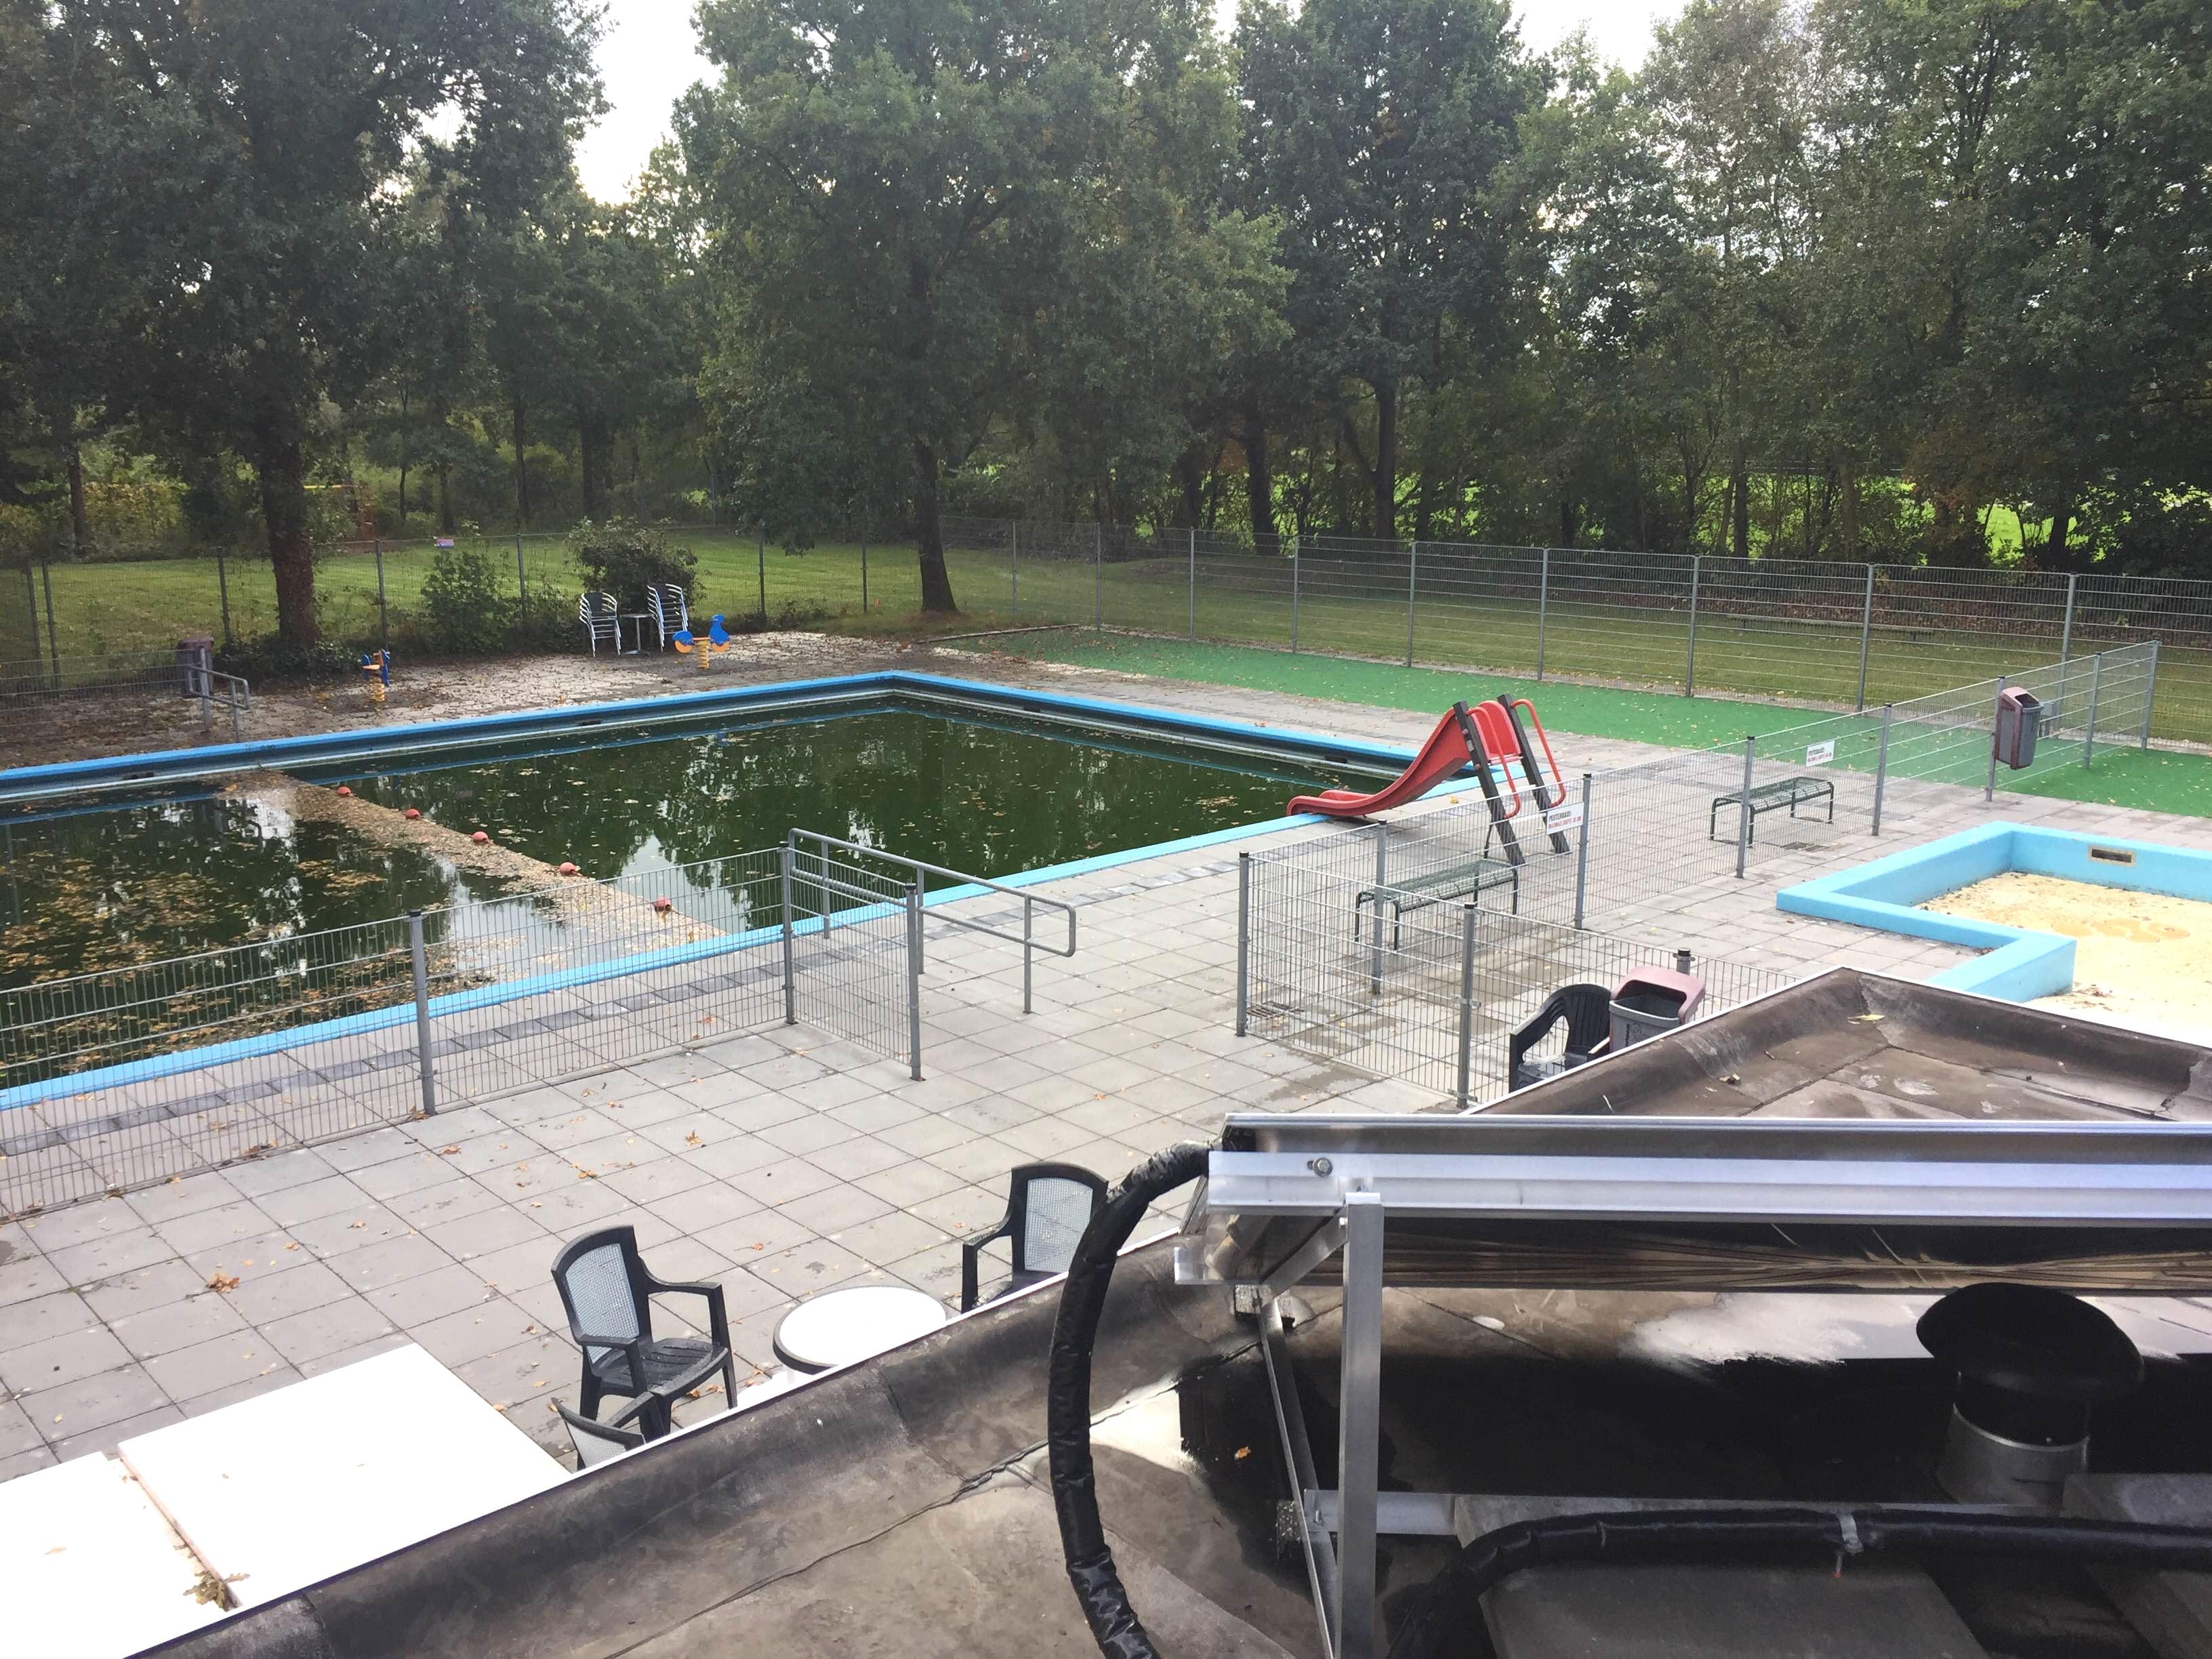 Zonneboiler van hoge kwaliteit voldoet aan alle eisen van for Zwembad verwarmen